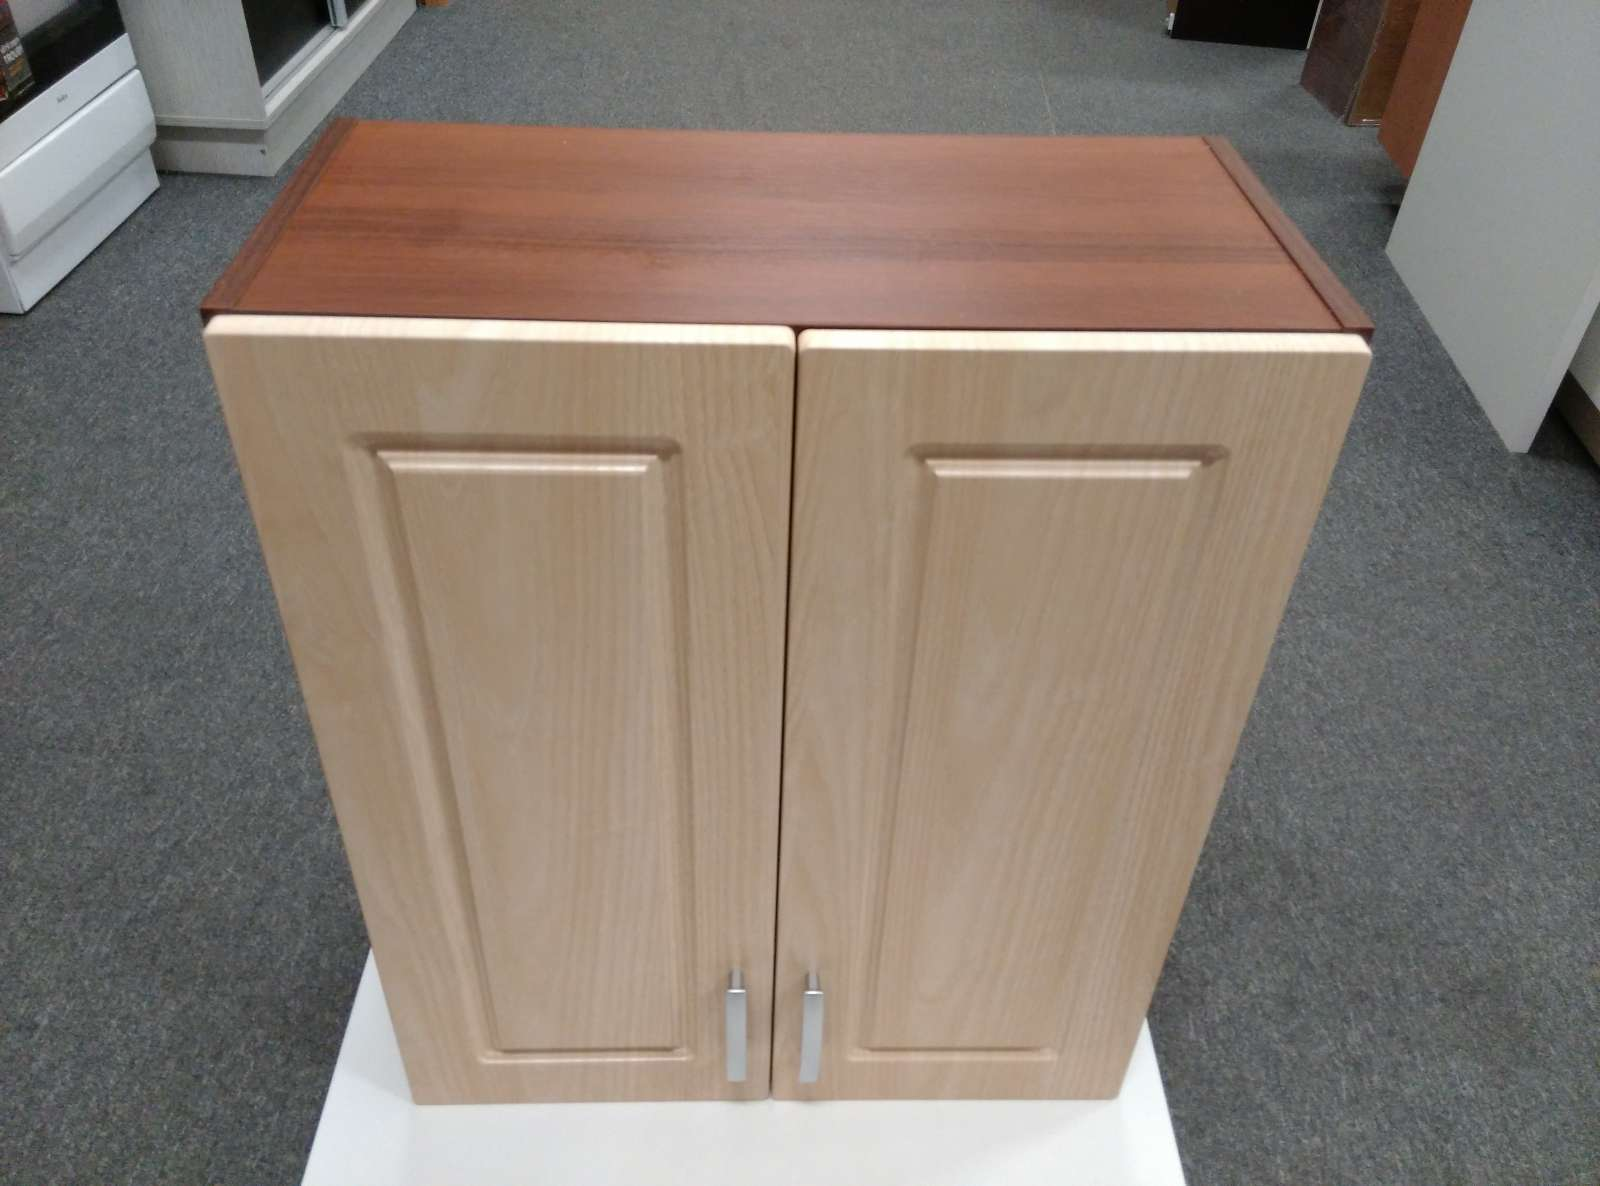 Horní kuchyňská skříňka 60 cm - výprodej